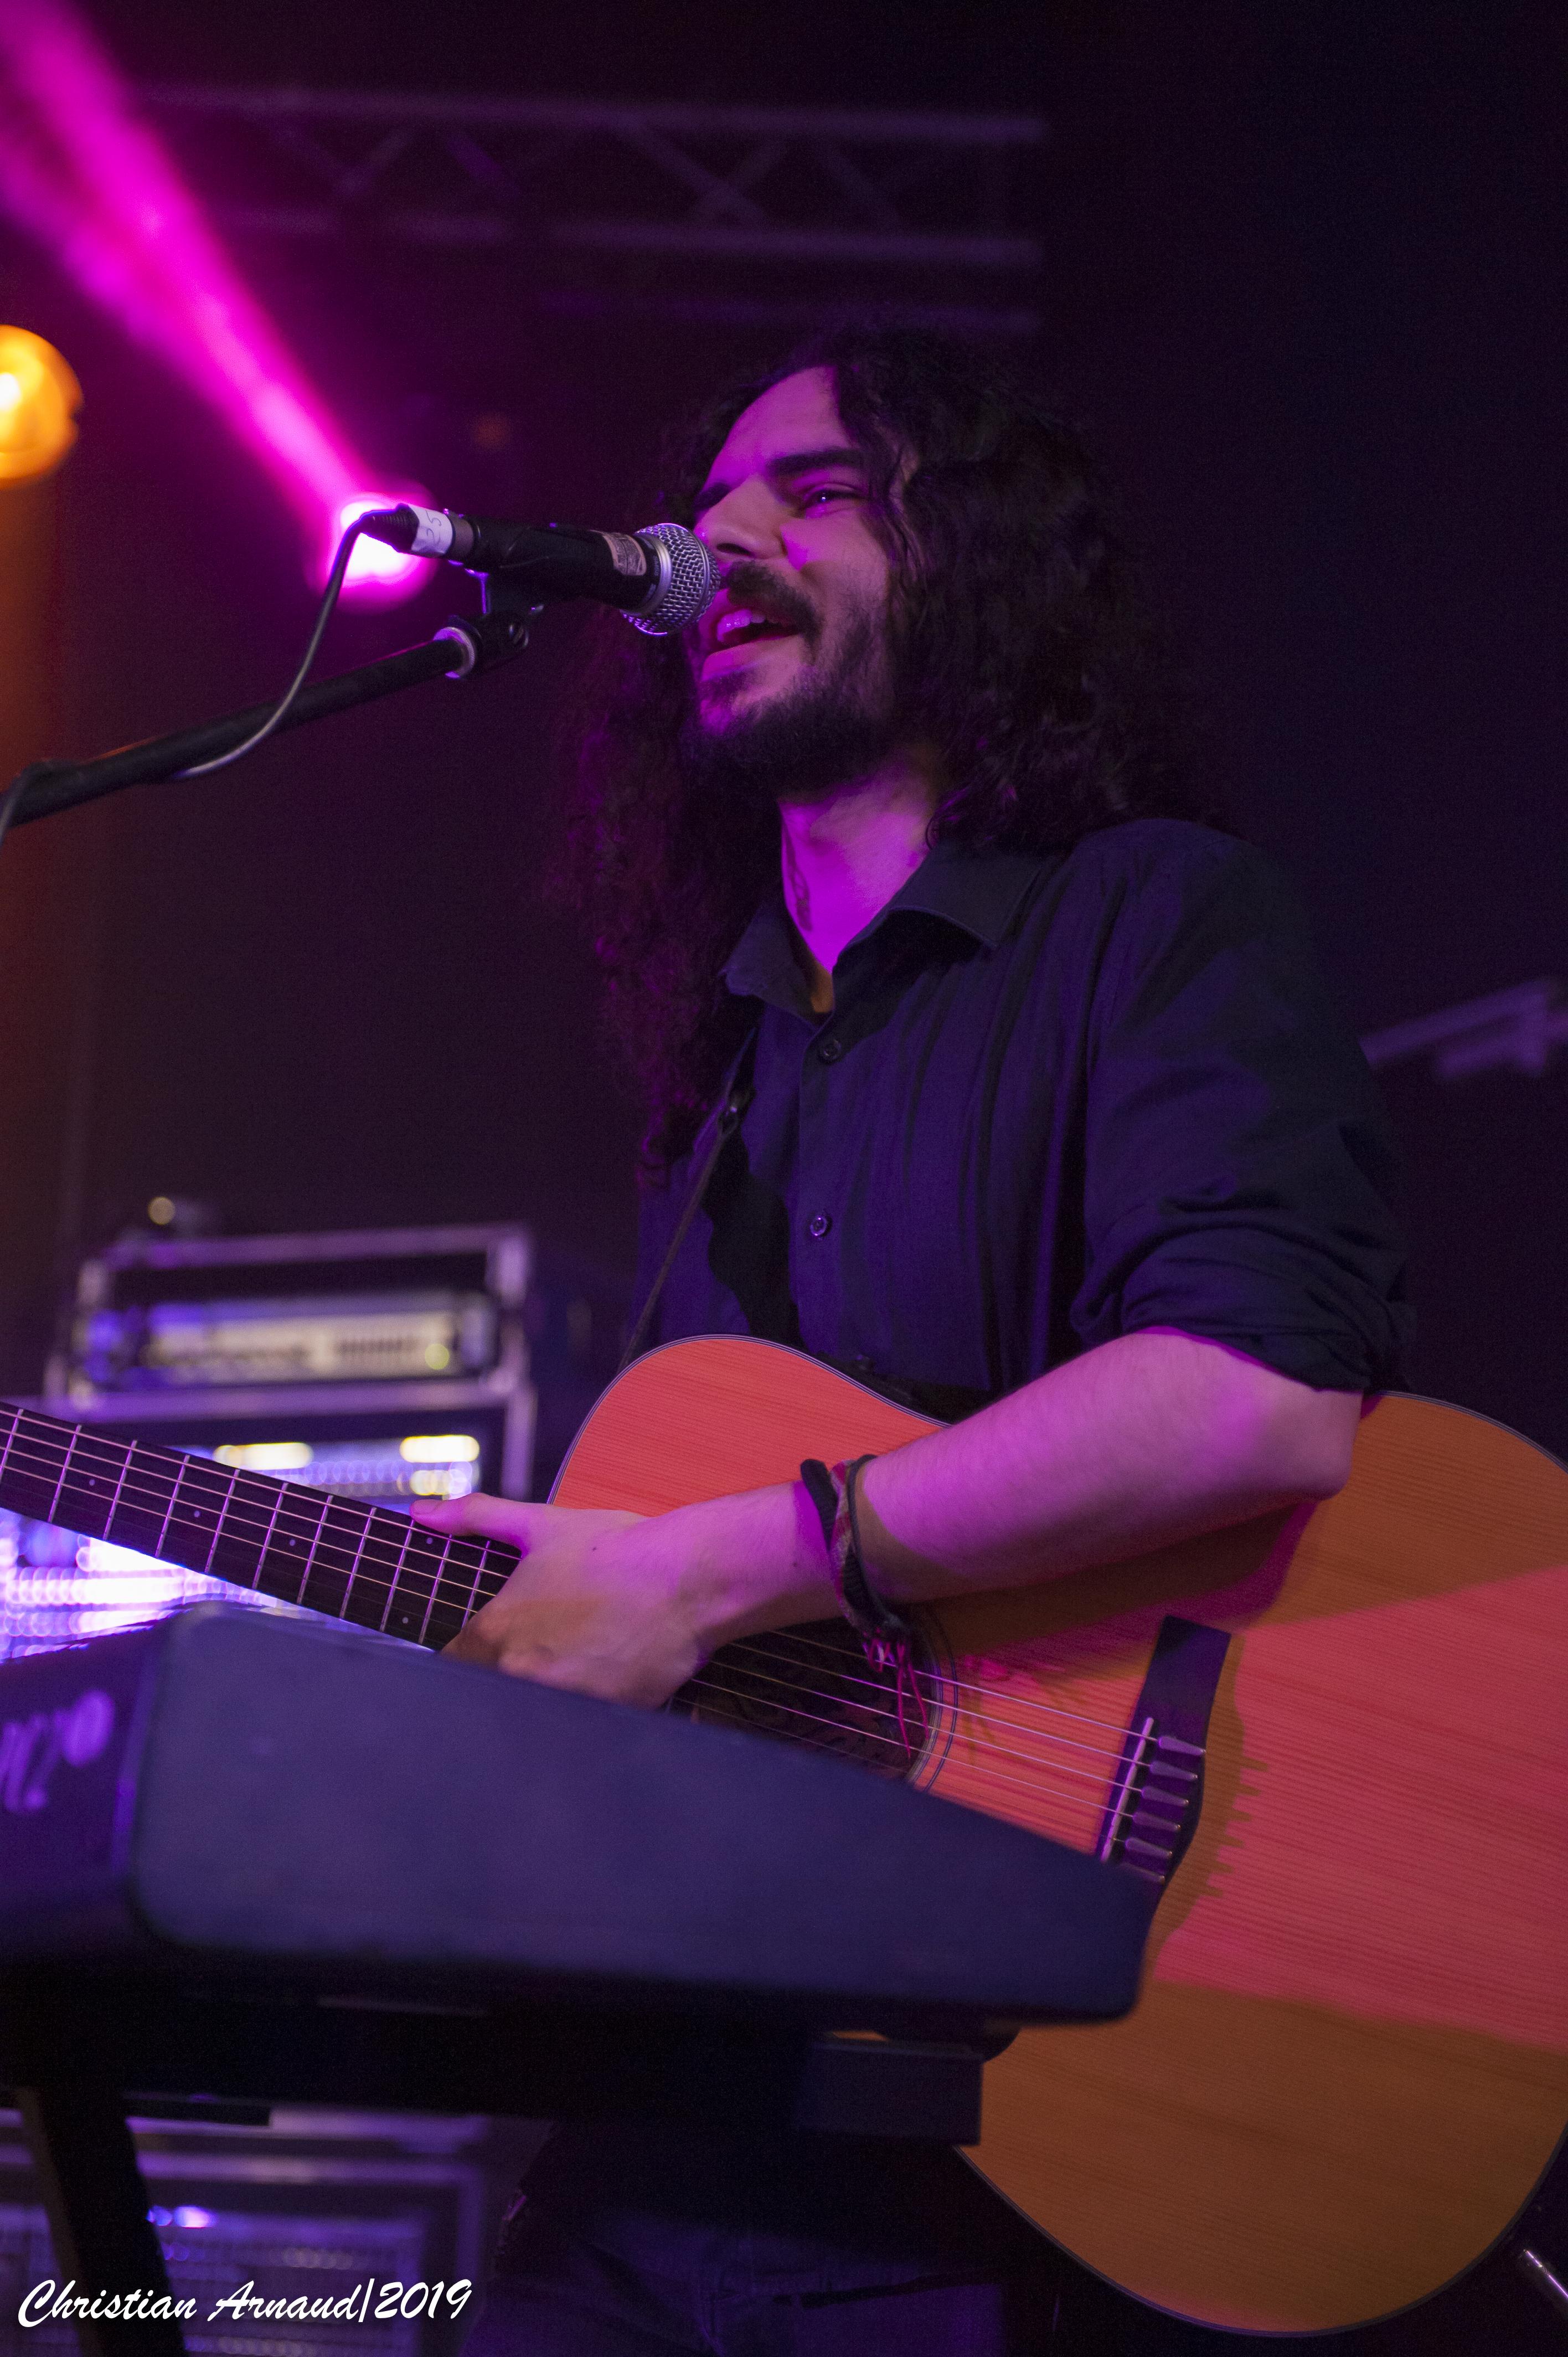 Alexandre Lamia